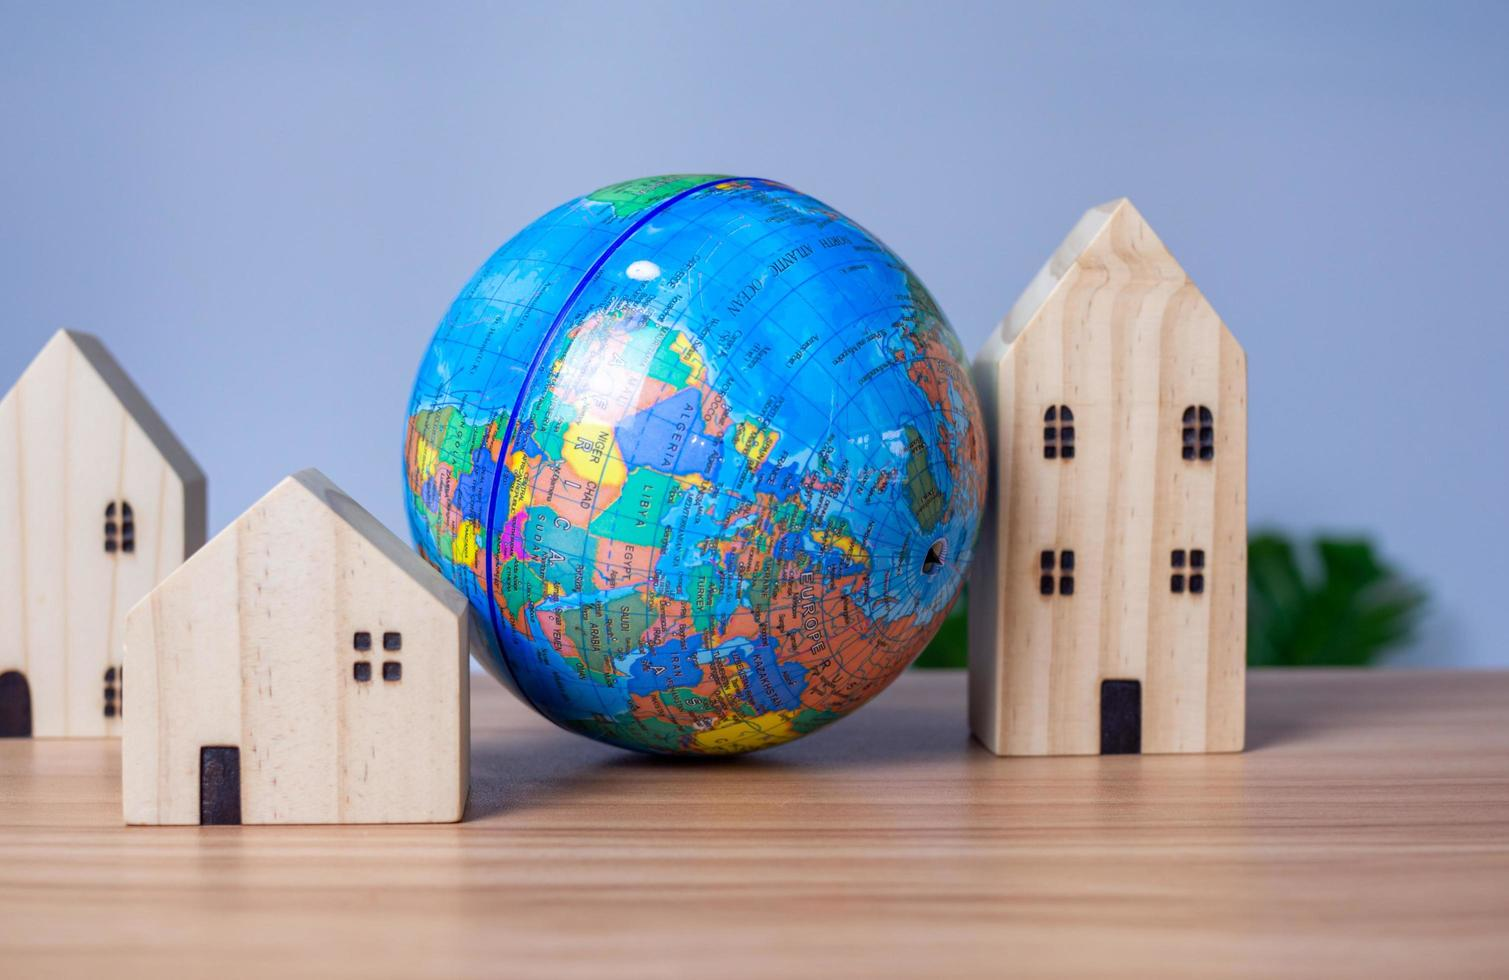 ett trä modellhus placeras bredvid en kopia jordglob. placerad på ett träbord med en ljusgrå bakgrund. rädda världskonceptet foto